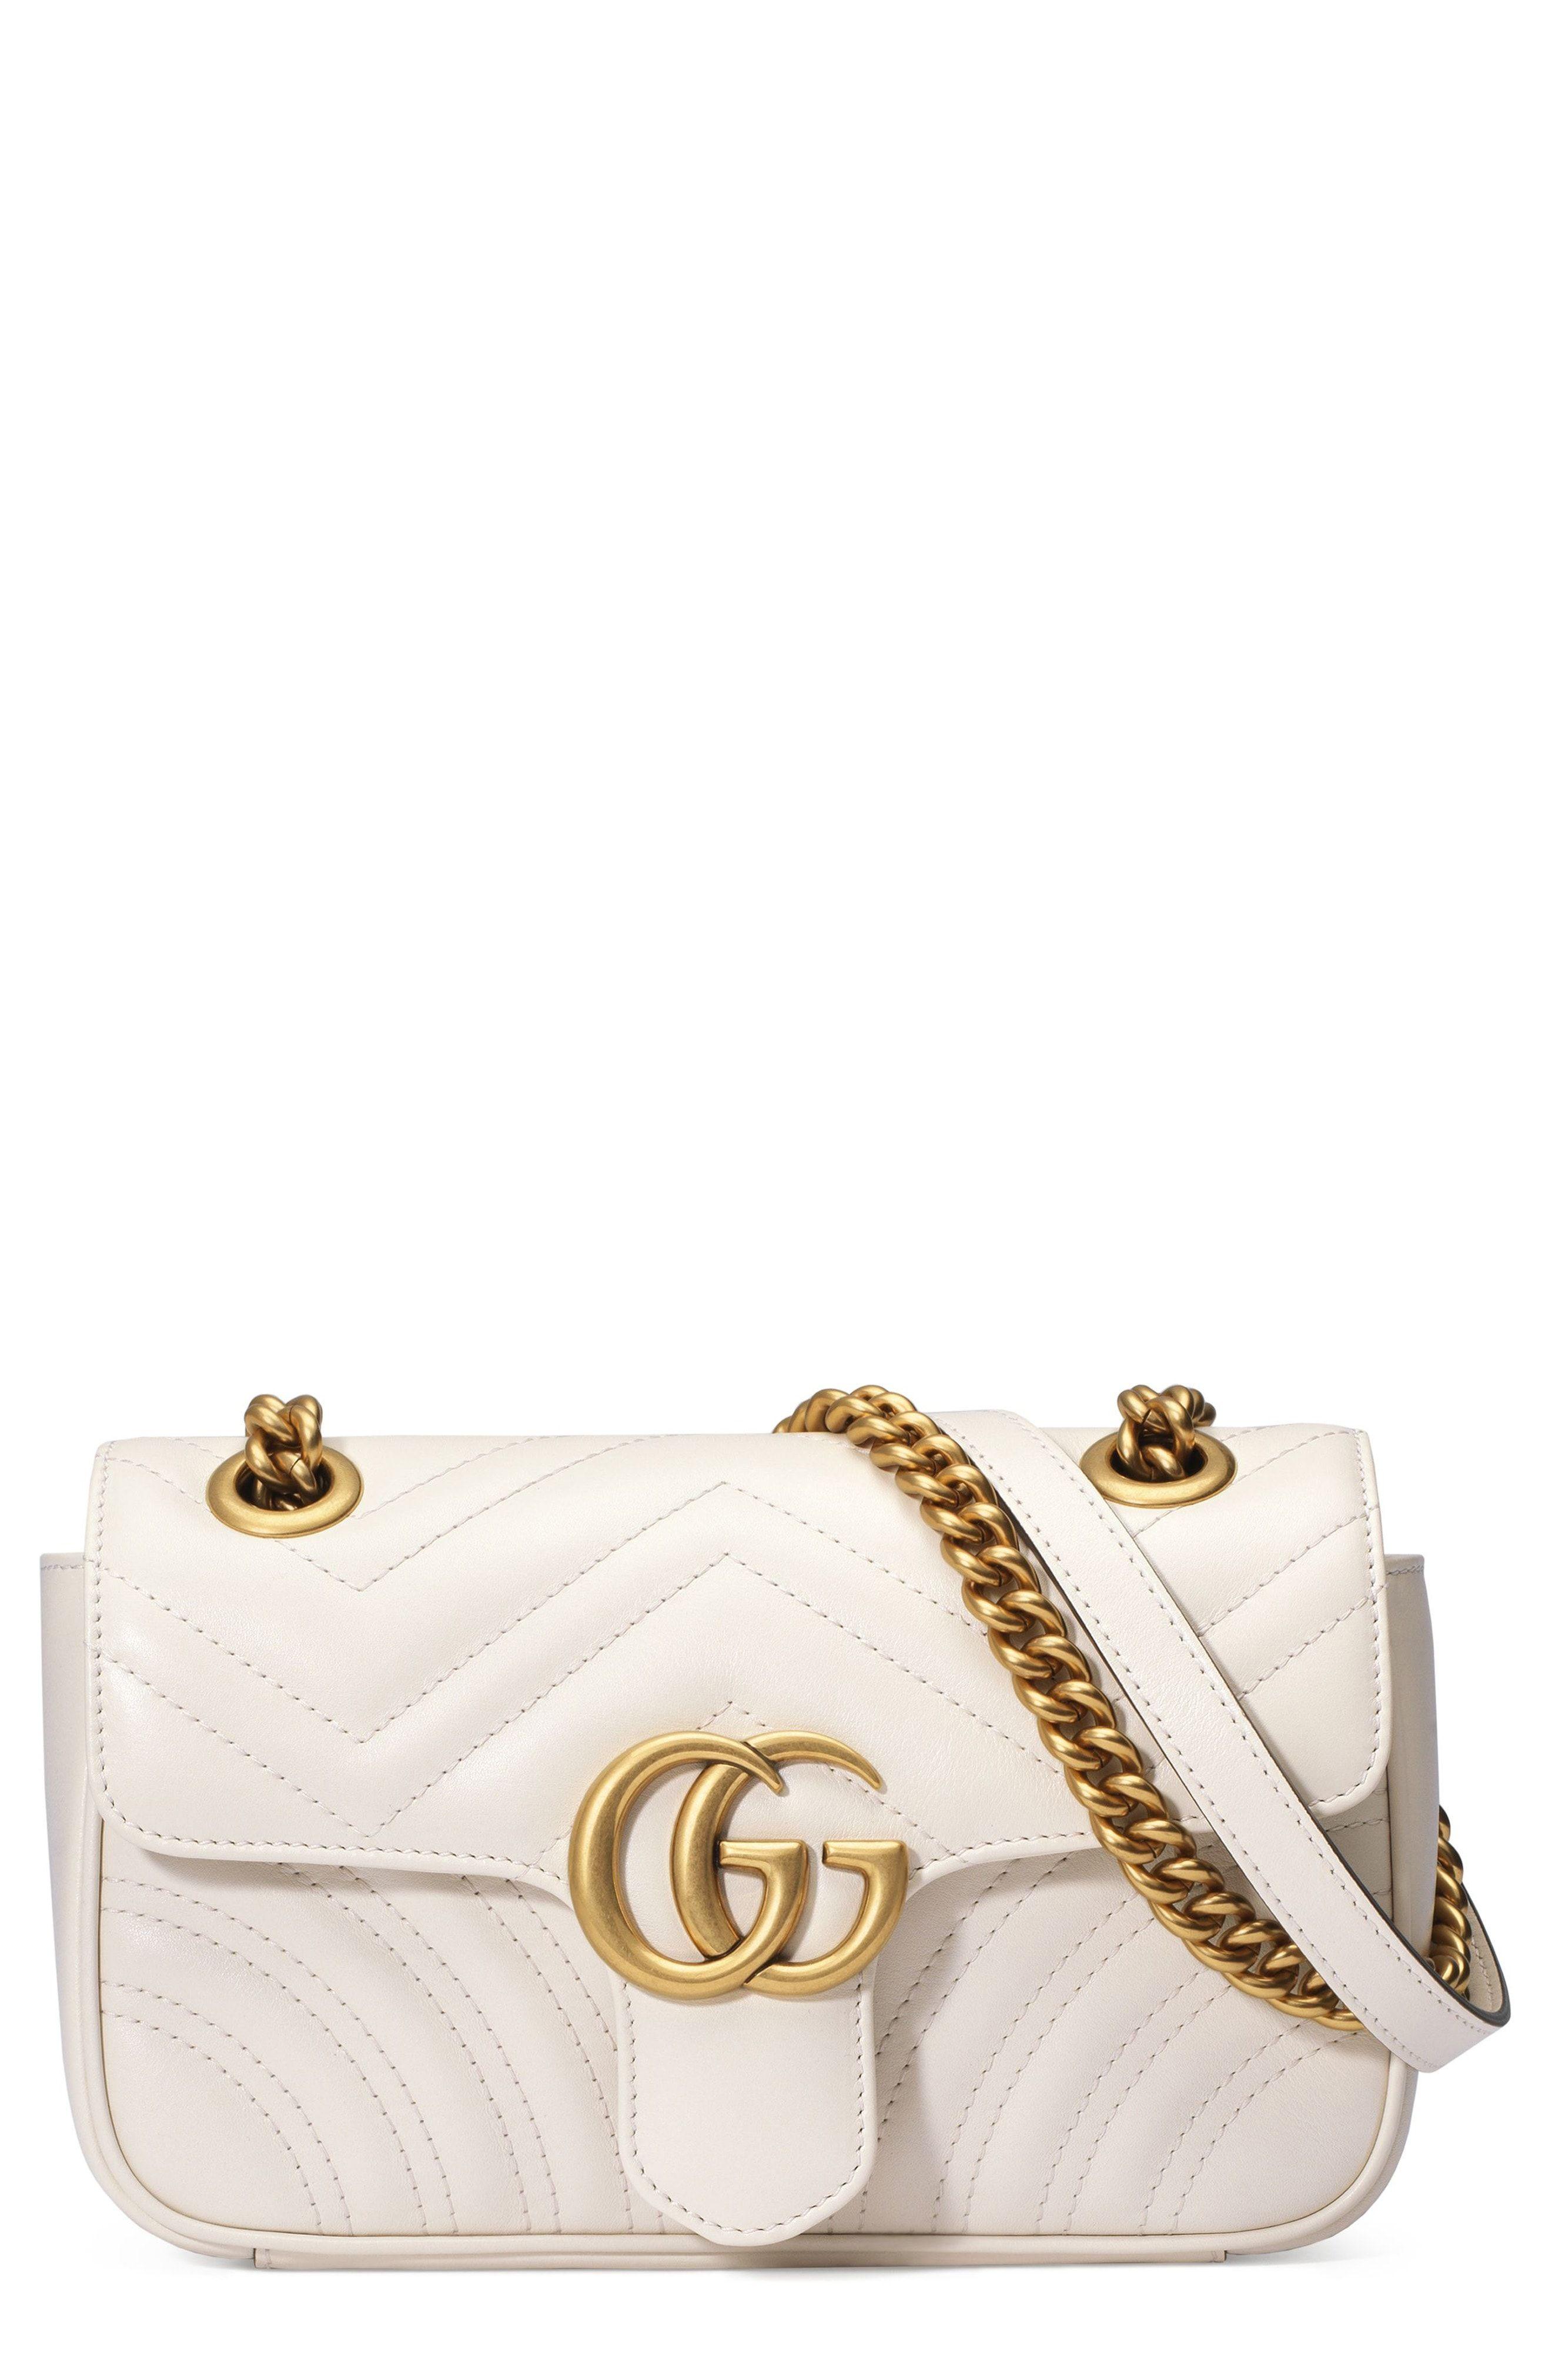 035919631066 Gucci Mini GG Marmont 2.0 Matelassé Leather Shoulder Bag